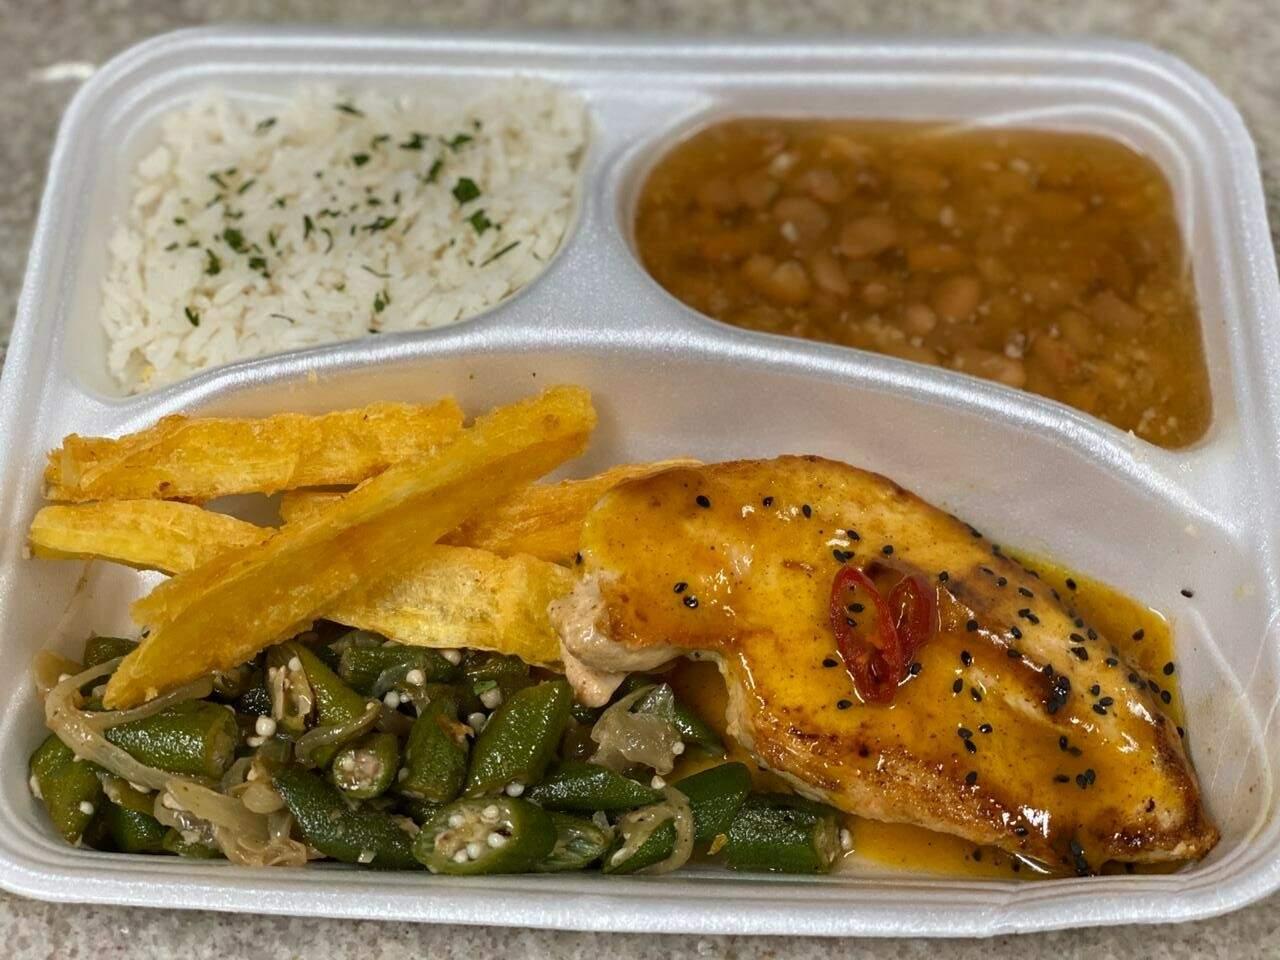 Marmita com arroz branco, feijão, filé de frango com mostarda e mel, quiabo refogado e mandioca frita. (Foto: Arquivo pessoal)